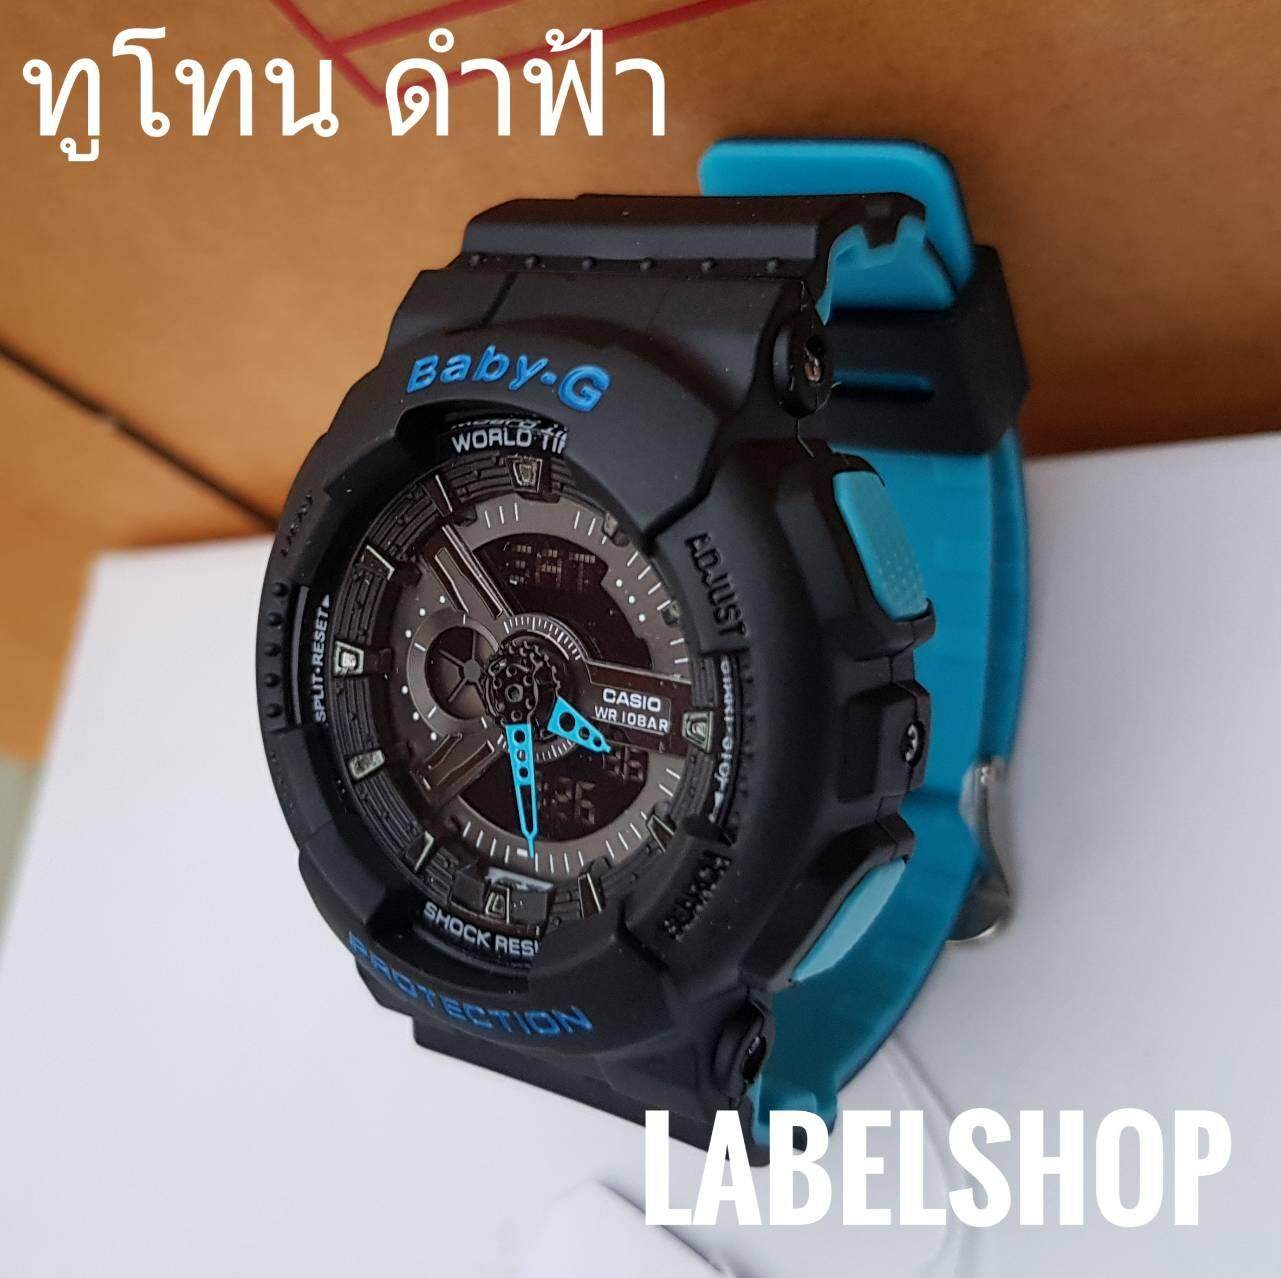 นาฬิกาแฟชั่น Baby-G By G-Factory.